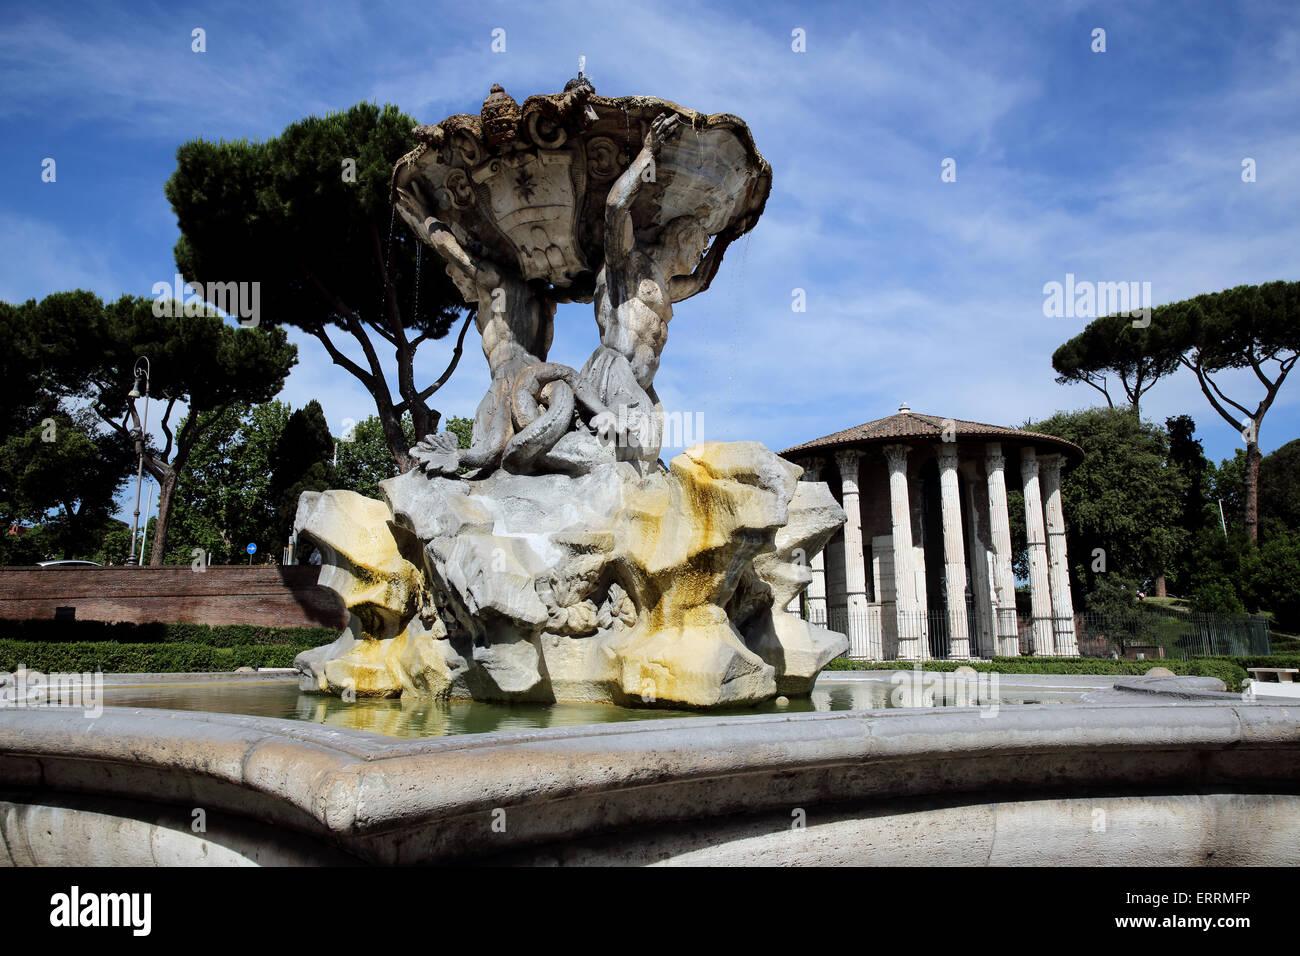 Fountain with Tempio di Ercole Vincitore in the background are part of Forum Boarium in Rome Italy - Stock Image